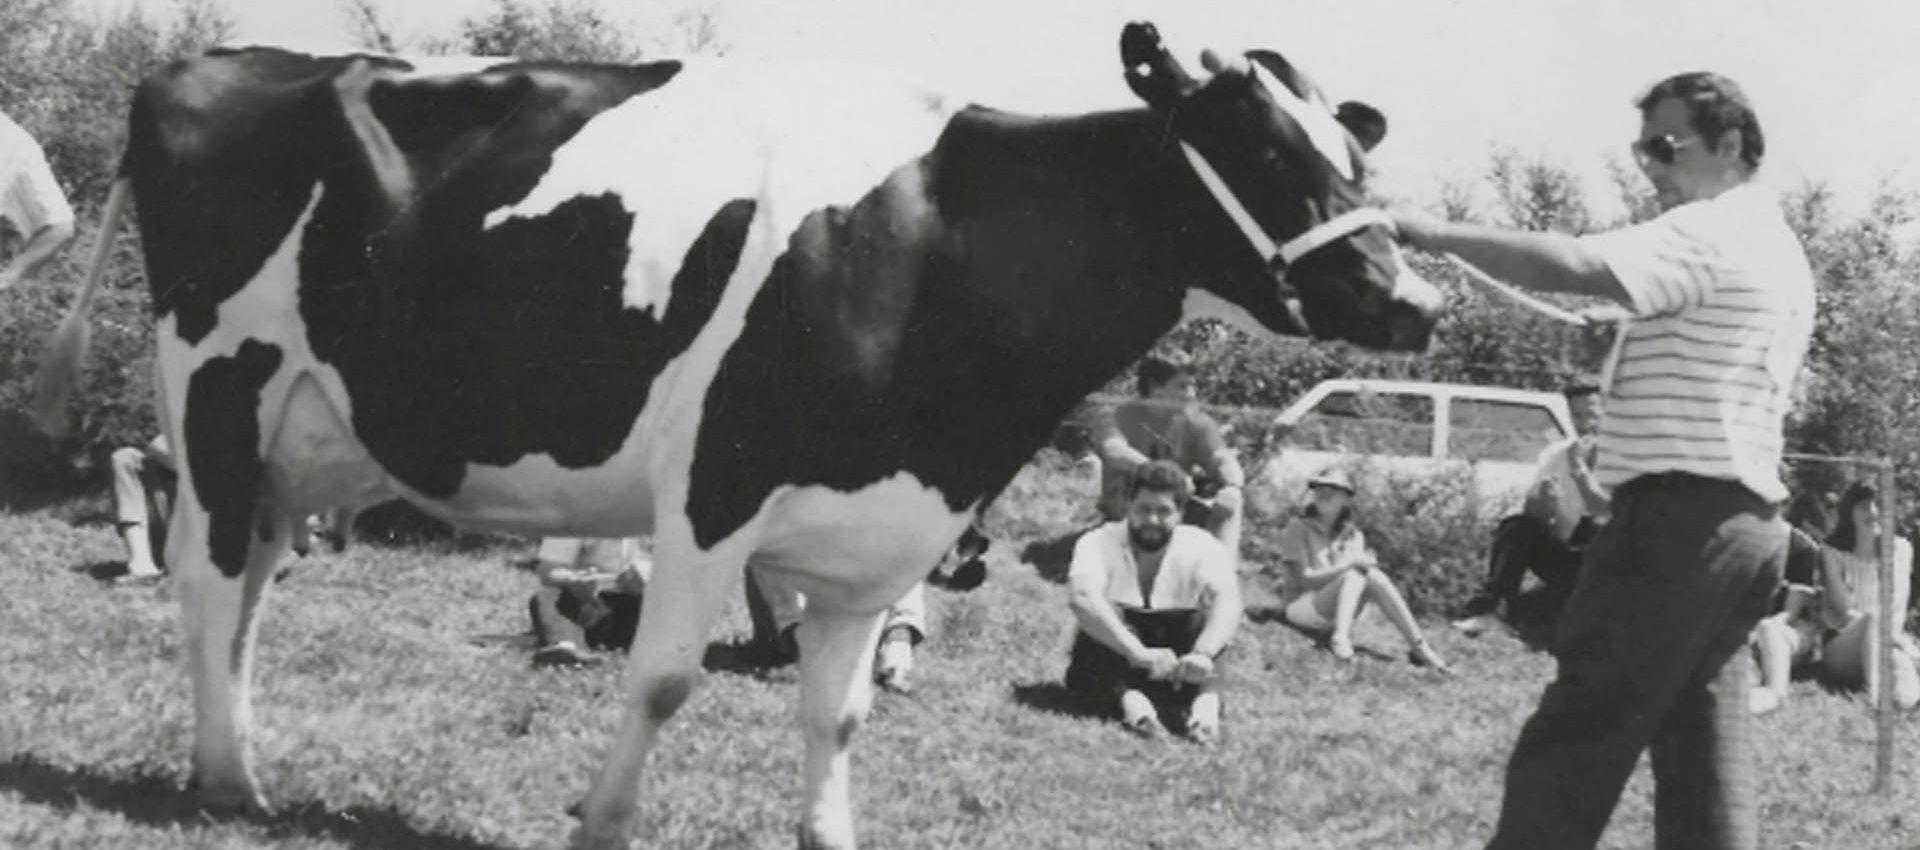 MANUEL BERDOMÁS TEJO<br><small>La vida de un ganadero</small>